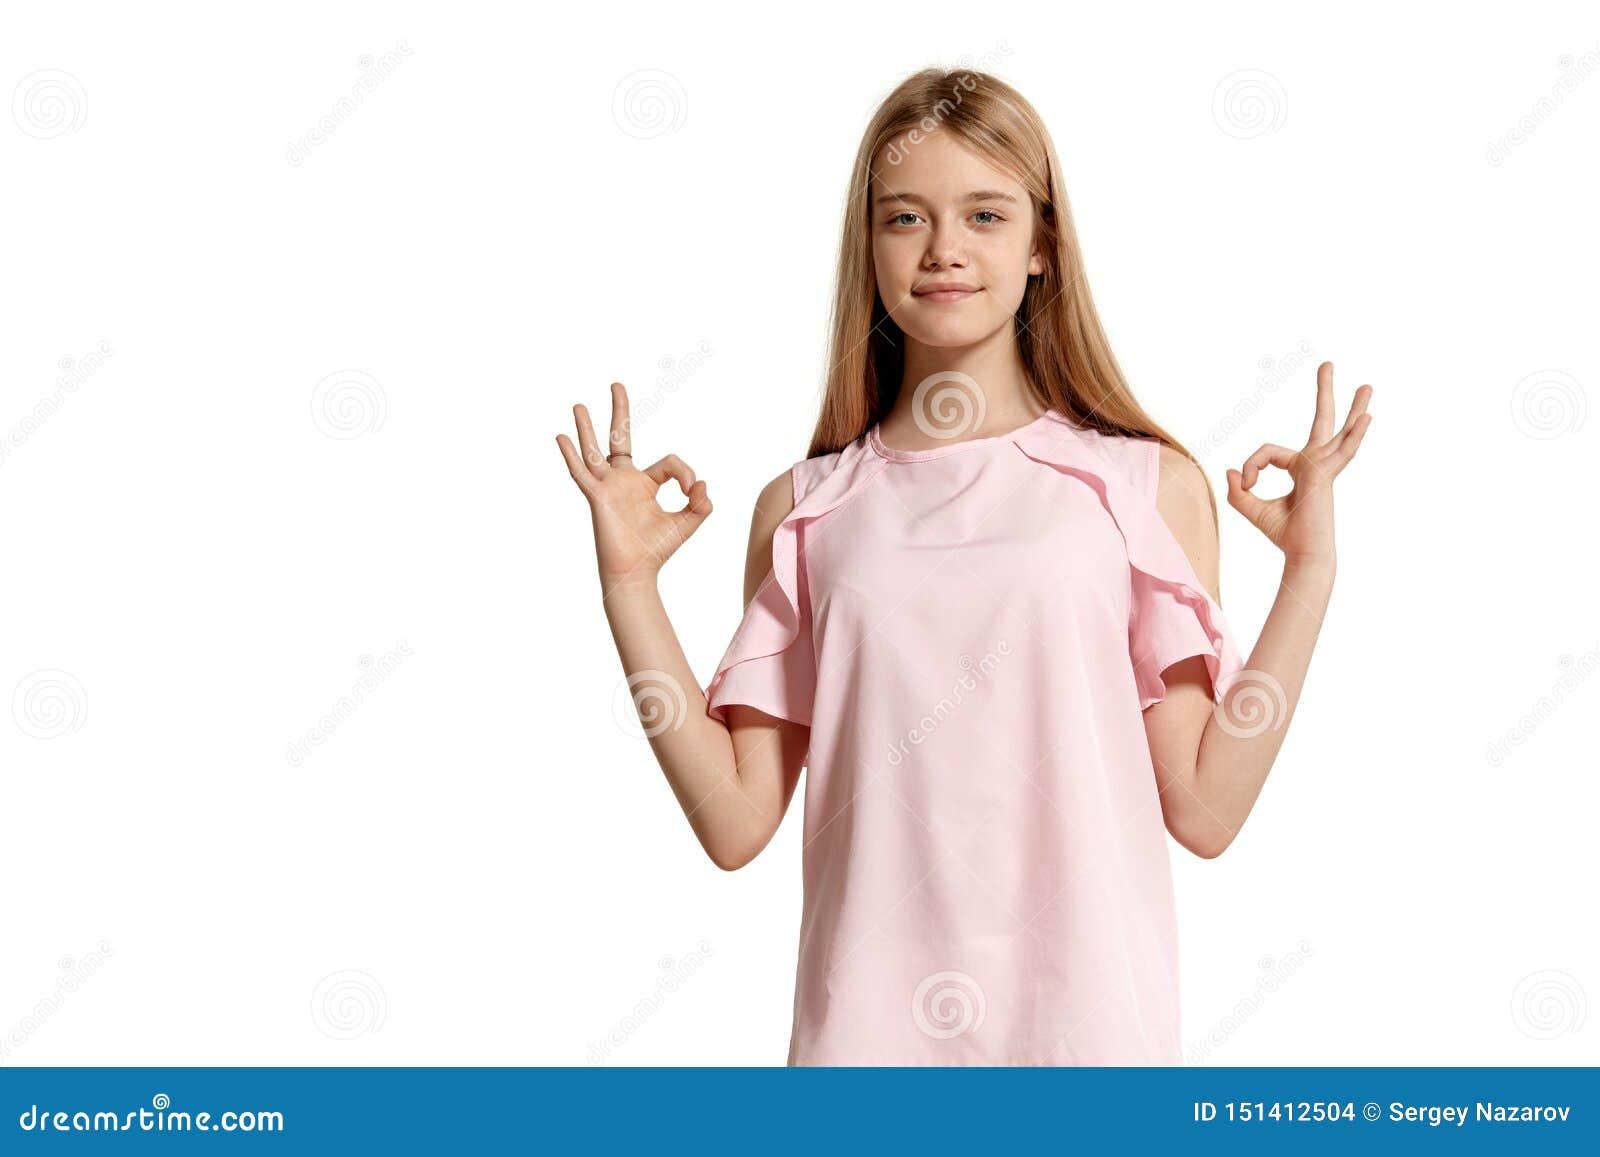 Retrato del estudio de un adolescente rubio de la muchacha hermosa en una presentación rosada de la camiseta aislado en el fondo